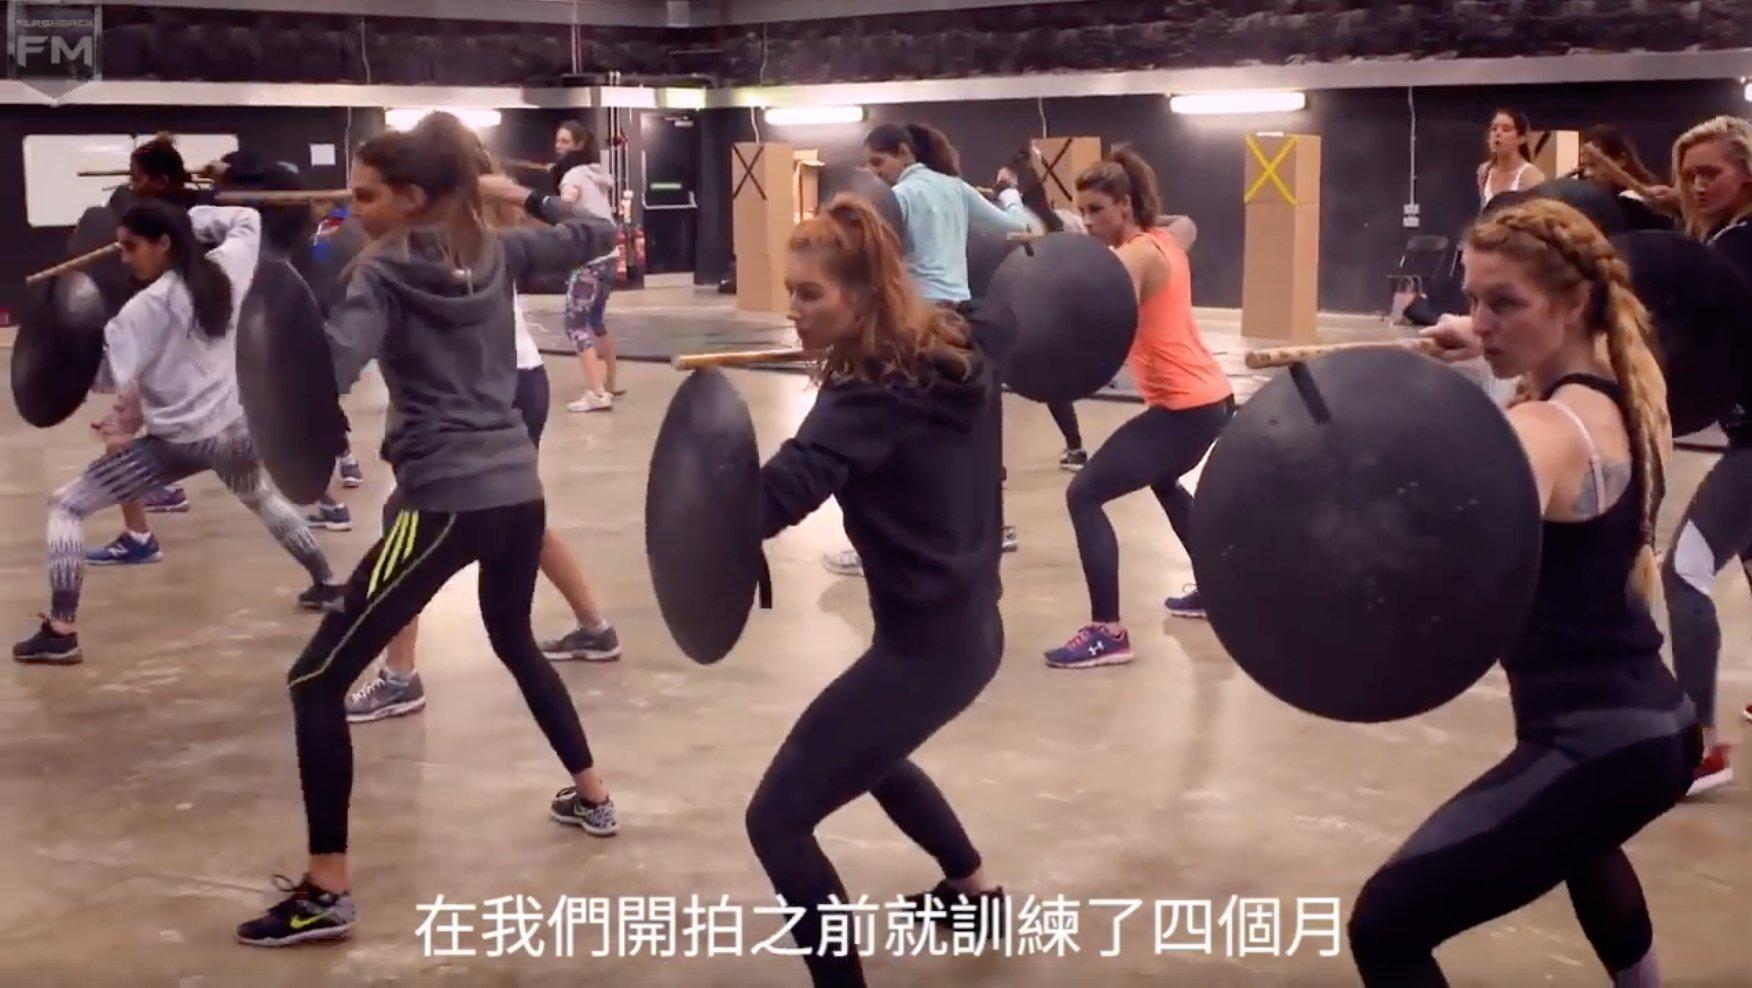 e89ea2e5b995e5bfabe785a7 2018 01 13 e4b88be58d882 27 47 - 《神力女超人》亞馬遜戰士如何養成?幕後團隊揭開訓練過程!